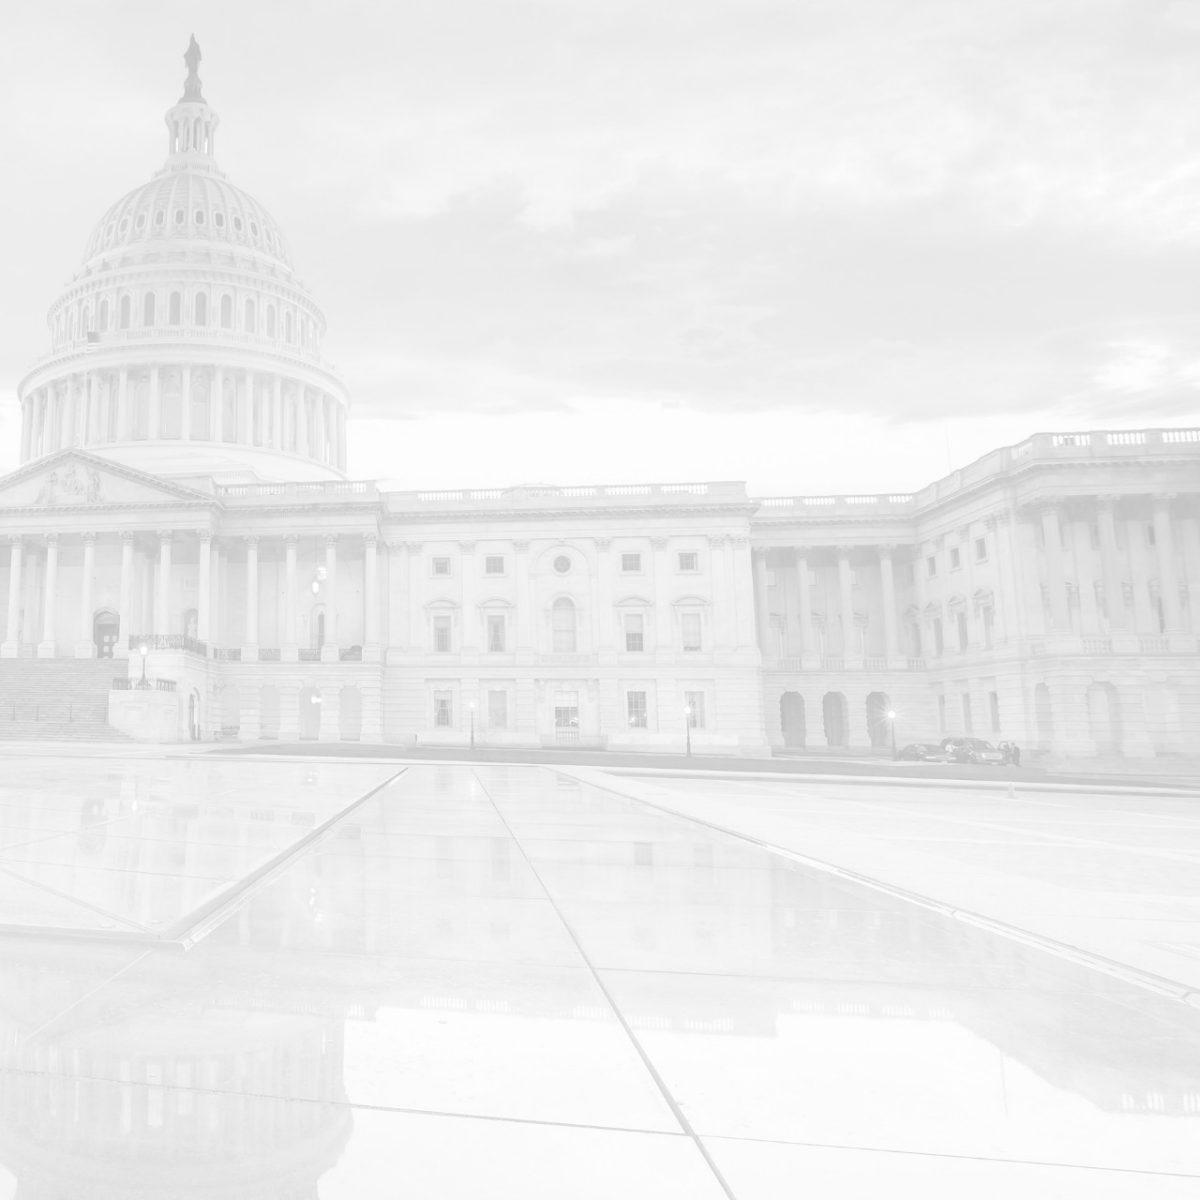 united-states-capitol-building-washington